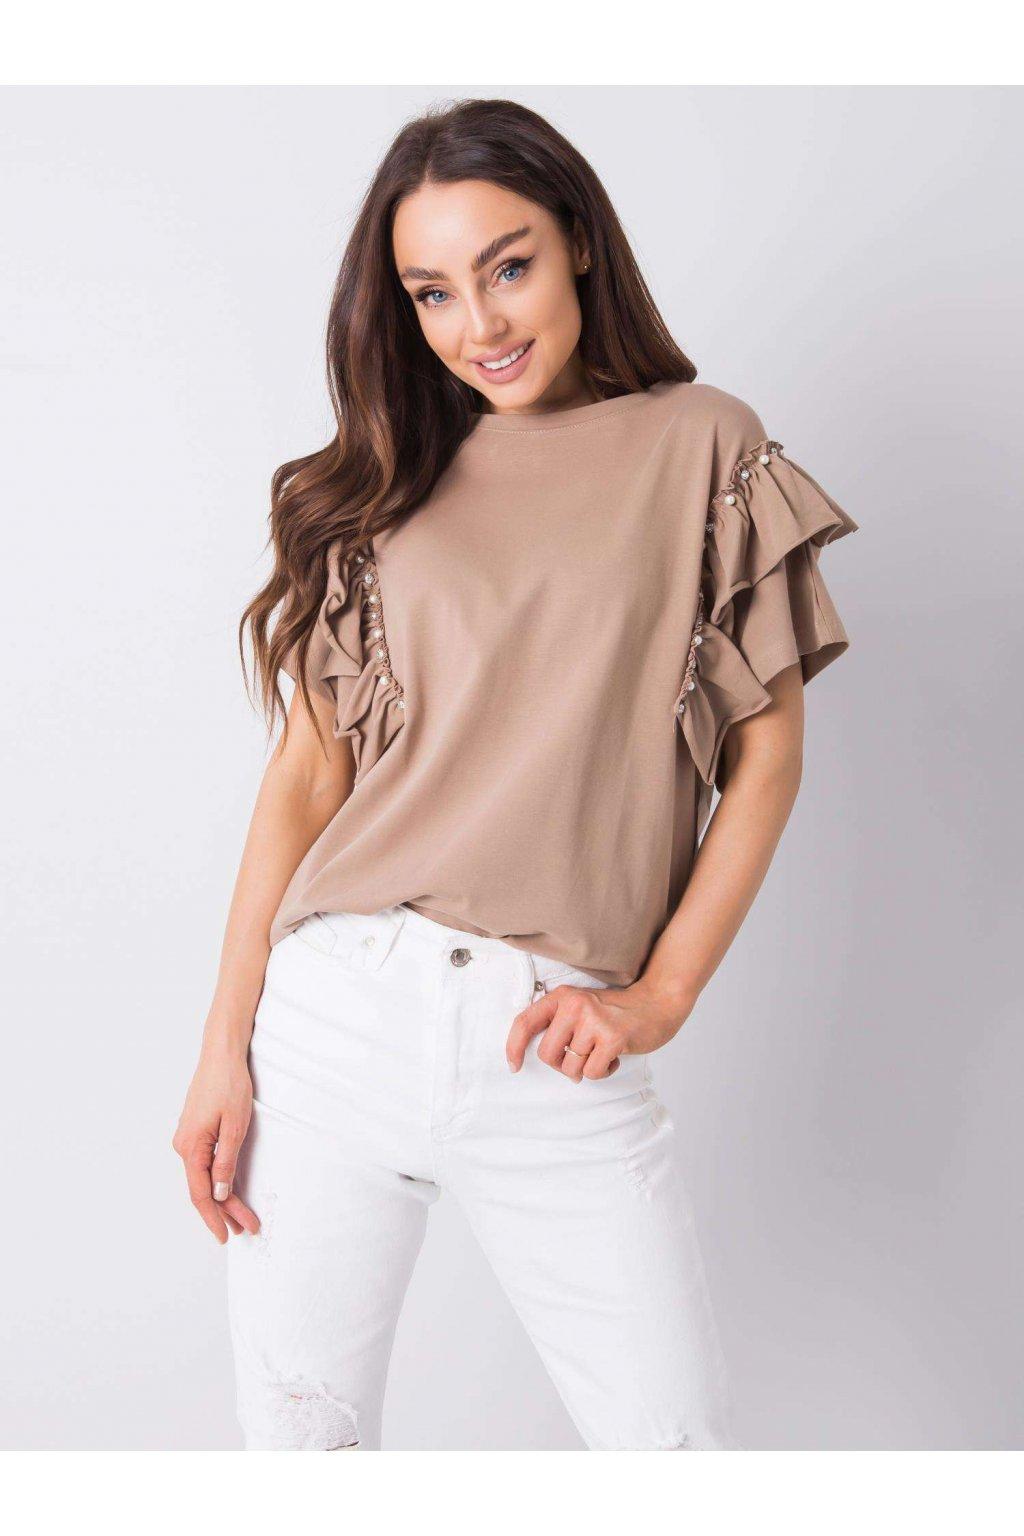 pol pl Ciemnobezowa bluzka z aplikacja Miabella 363340 2